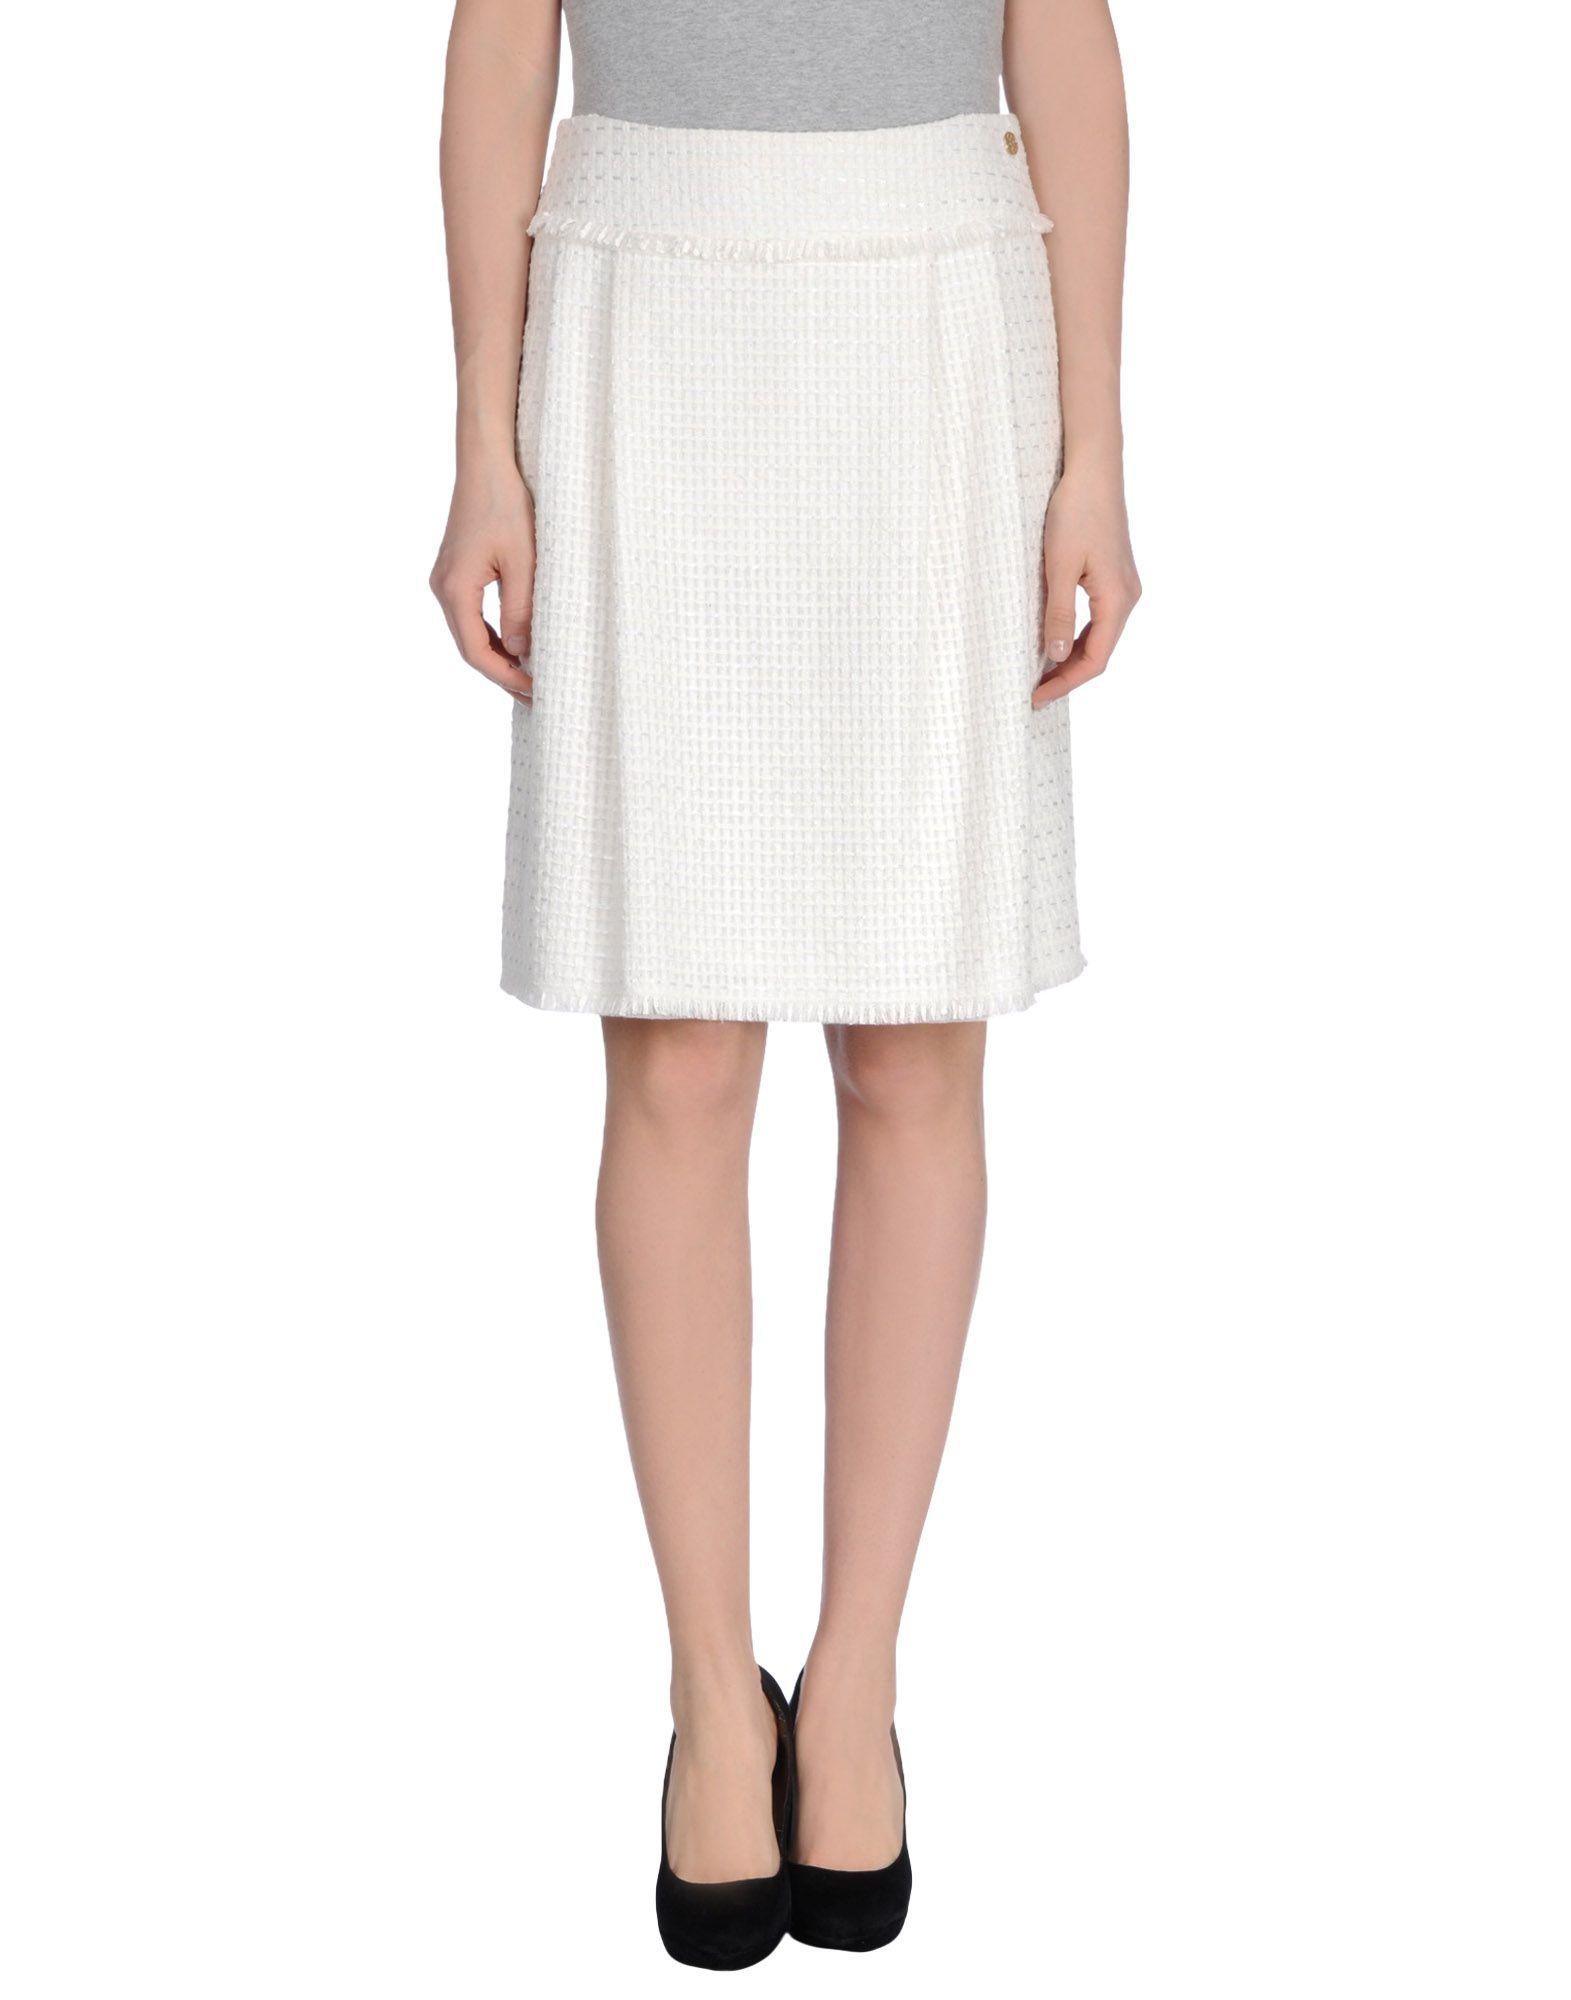 rena lange knee length skirt in white lyst